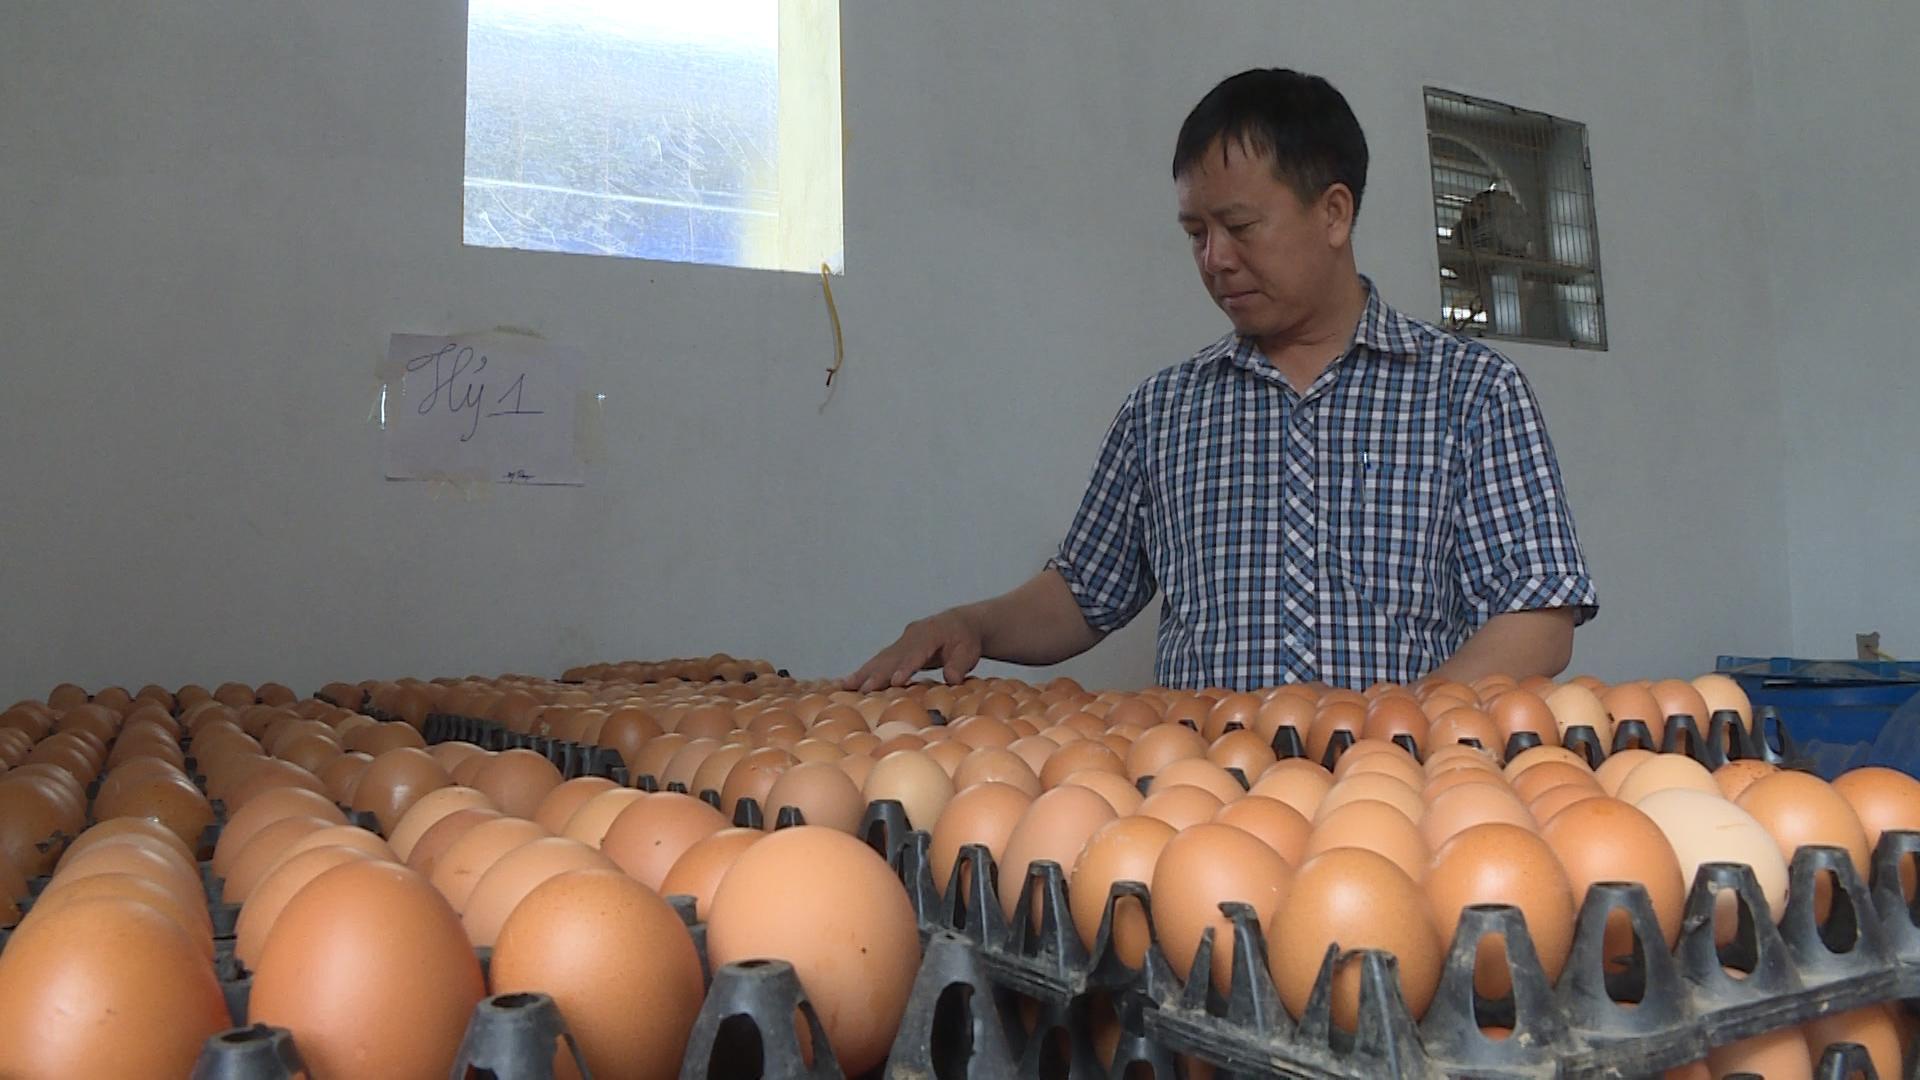 10 triệu dân Hà Nội cần bao nhiêu quả trứng mỗi tháng?  - Ảnh 1.